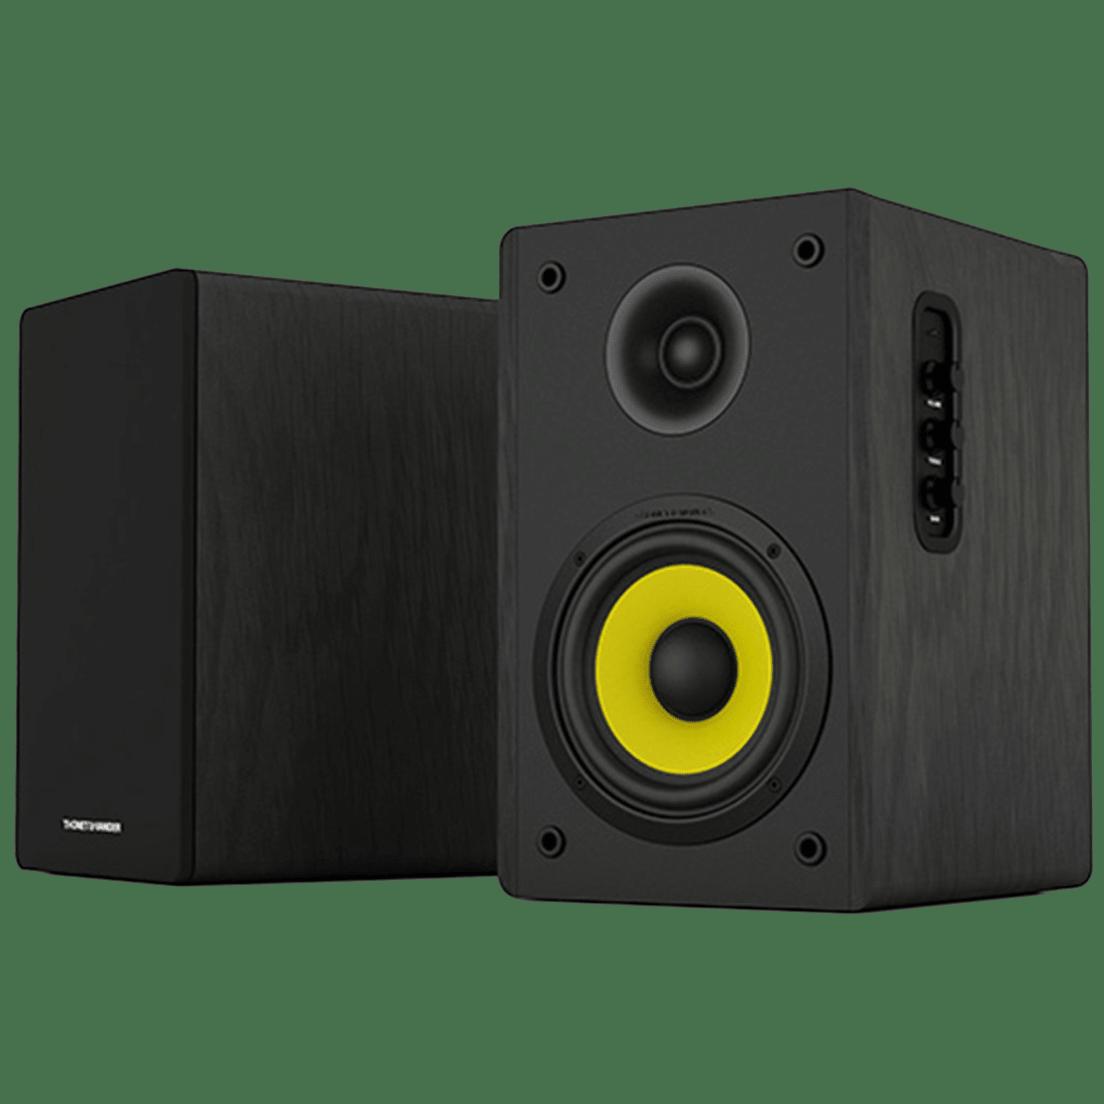 Thonet Vander Kurbis Bluetooth 340 Watt Bookshelf Speakers